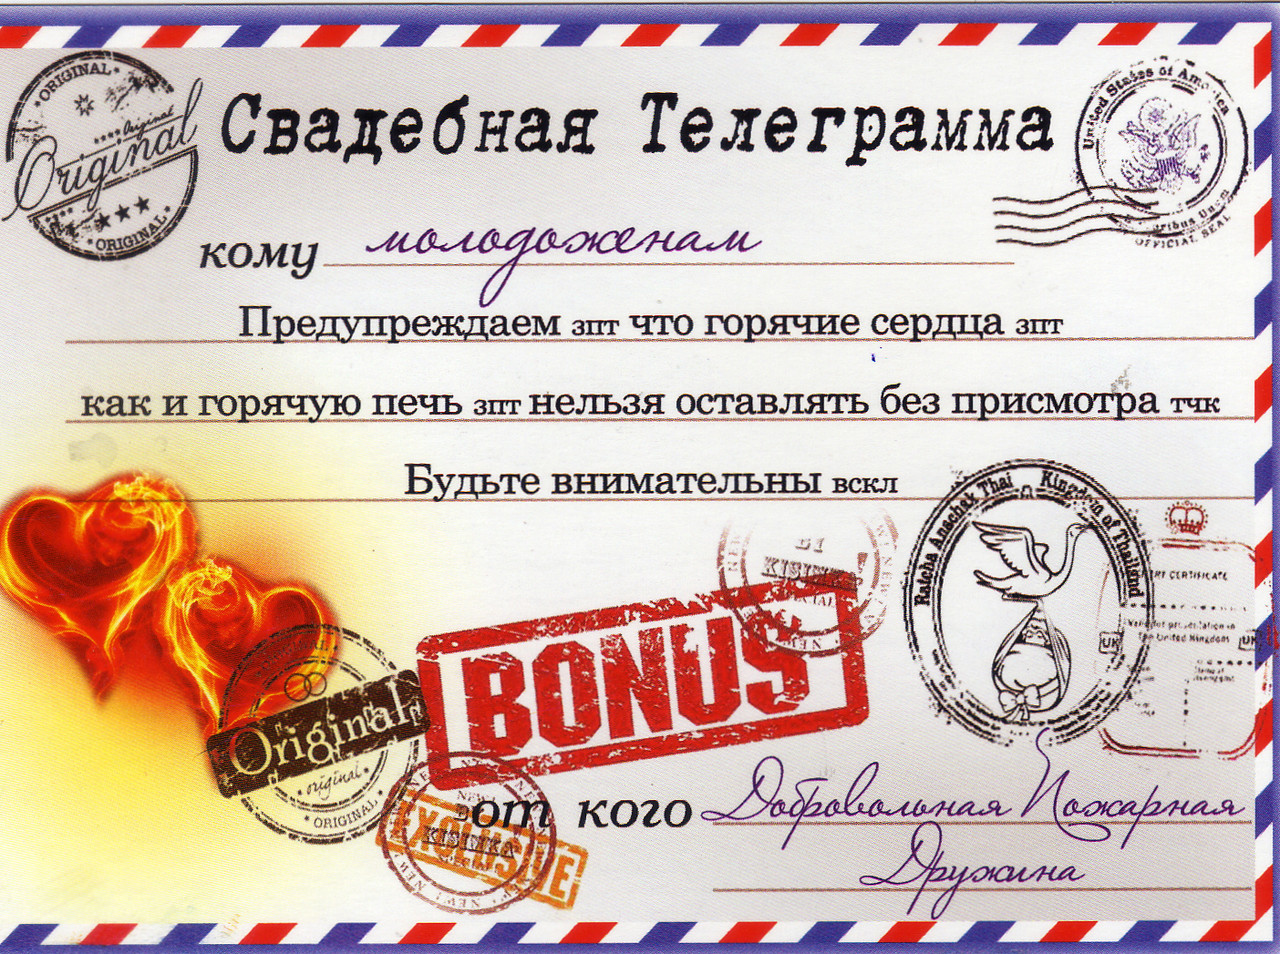 Поздравления на свадьбу для телеграммы